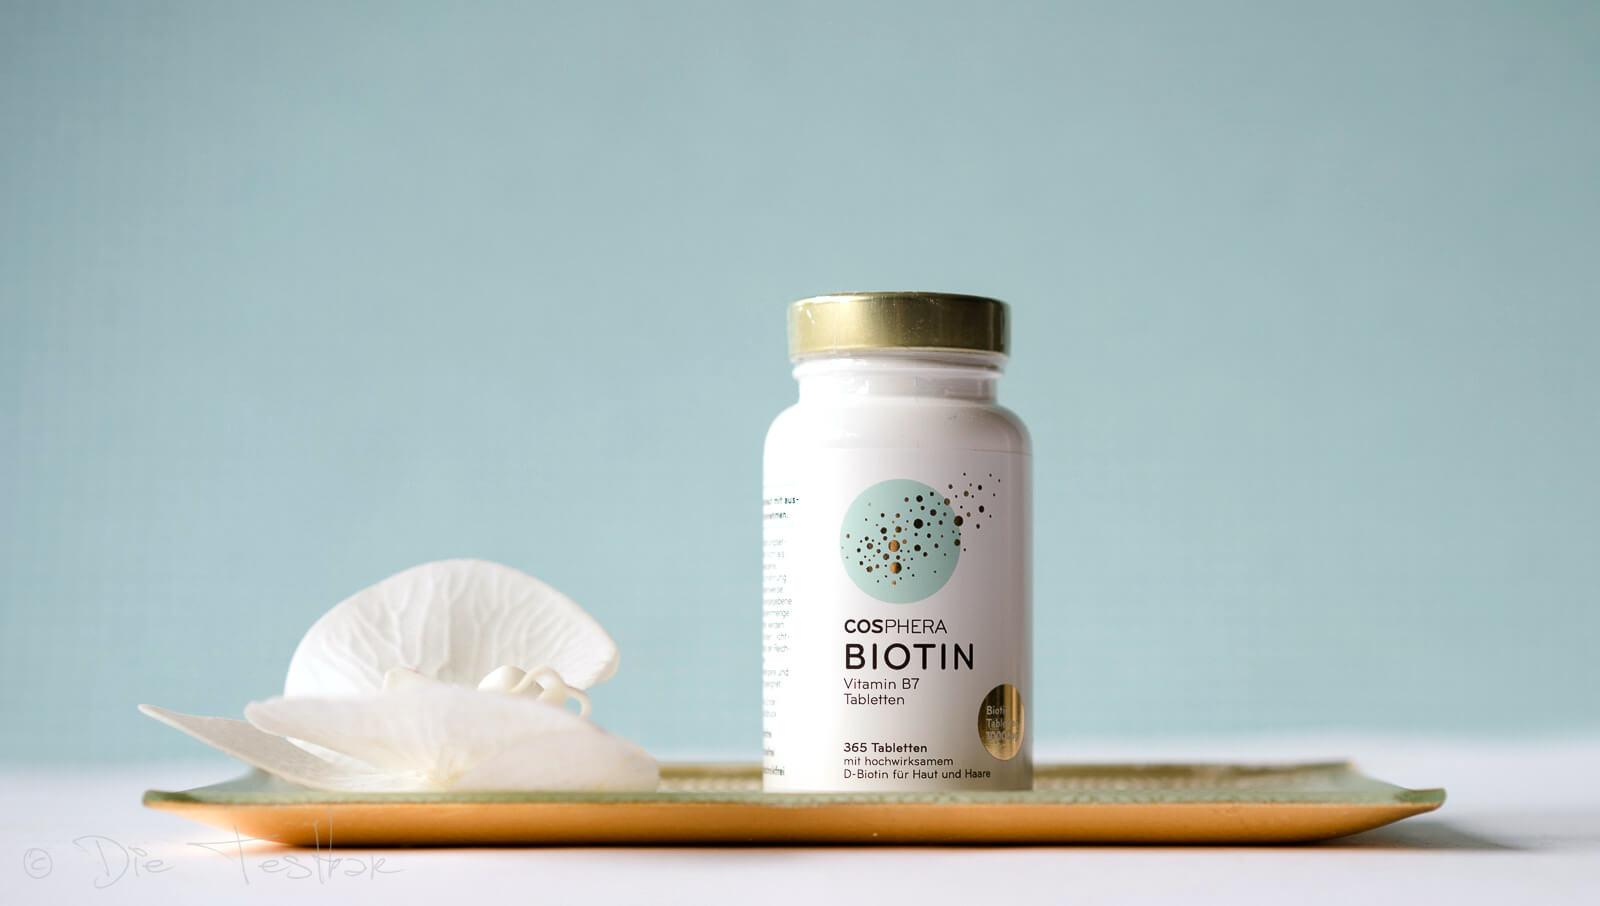 Biotin Tablettenvon Cosphera